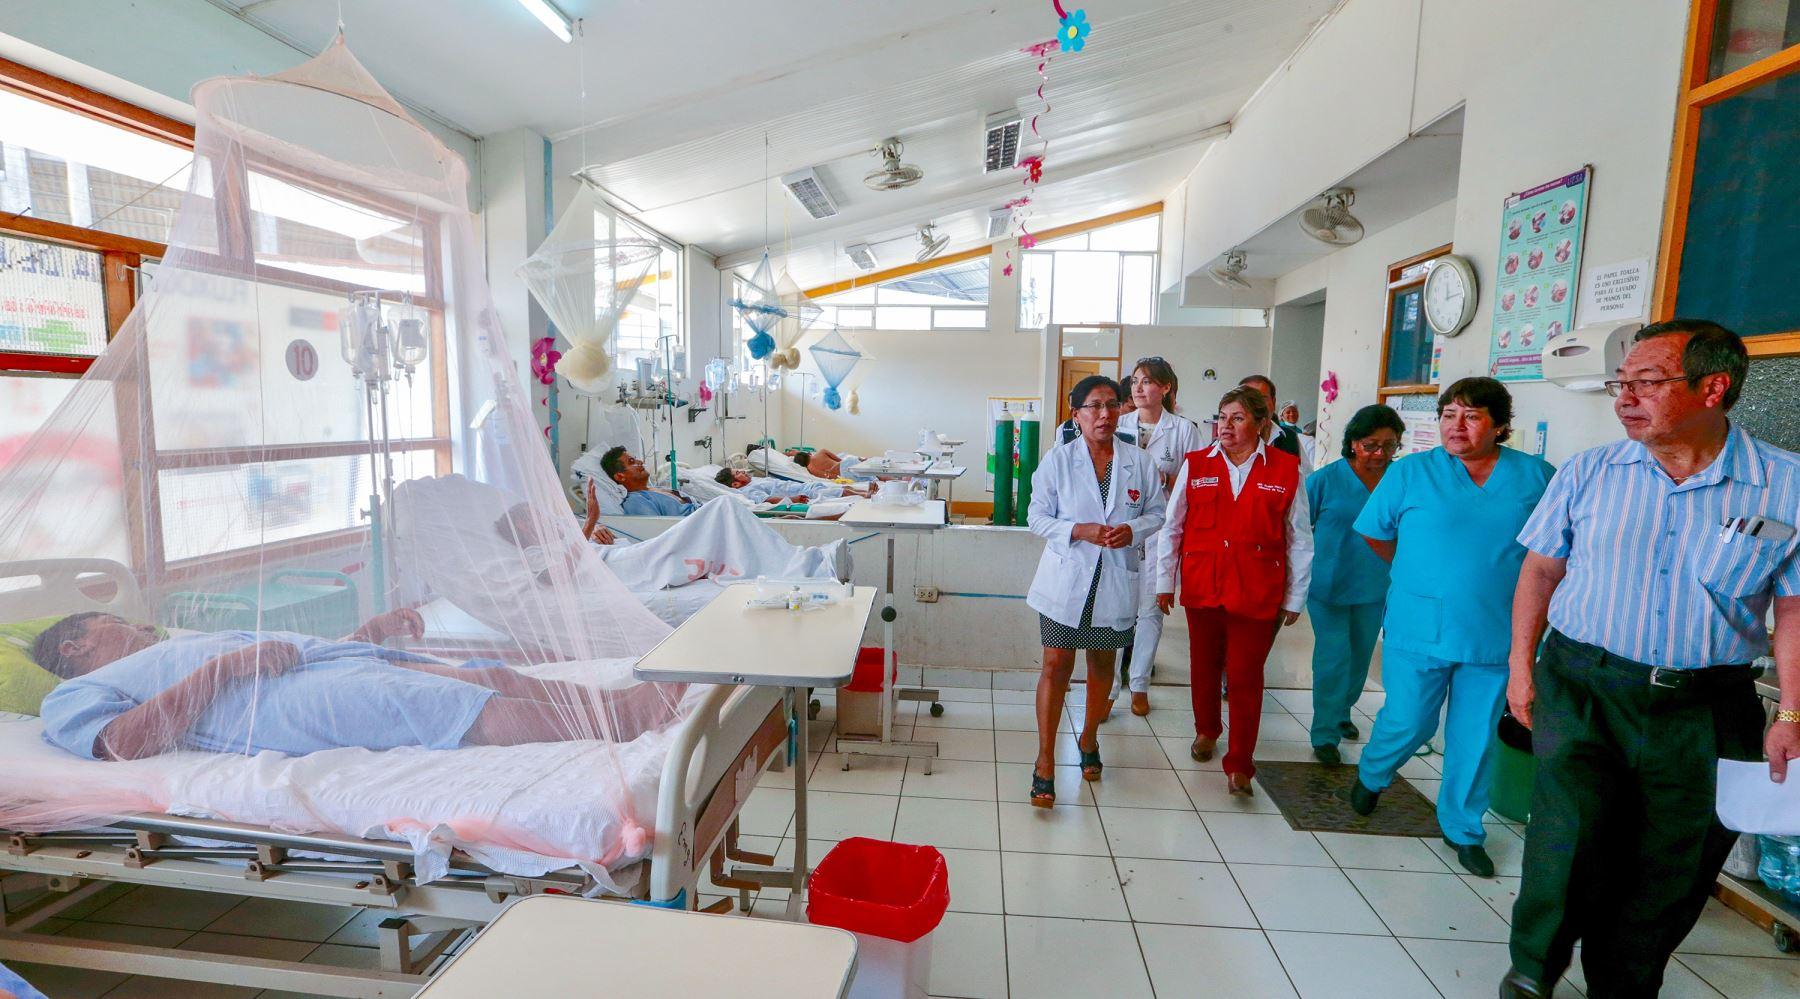 Ministra de Salud, Zulema Tomás anuncia la construcción de dos nuevos hospitales en Madre de Dios. Así mismo visitó centros de salud para conocer las necesidades de cada establecimiento.  Foto: MINSA